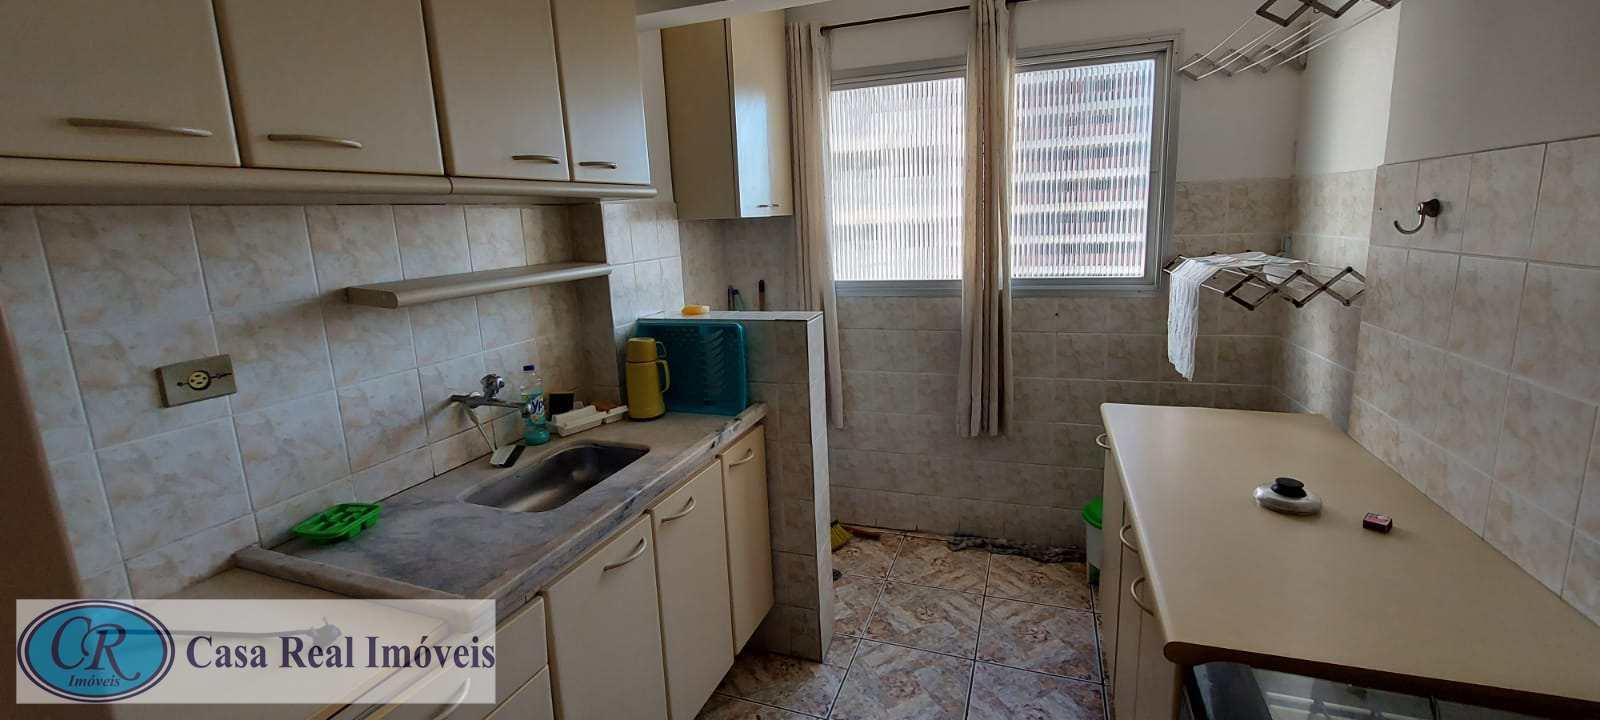 Apartamento com 1 dorm, Aviação, Praia Grande - R$ 168 mil, Cod: 779